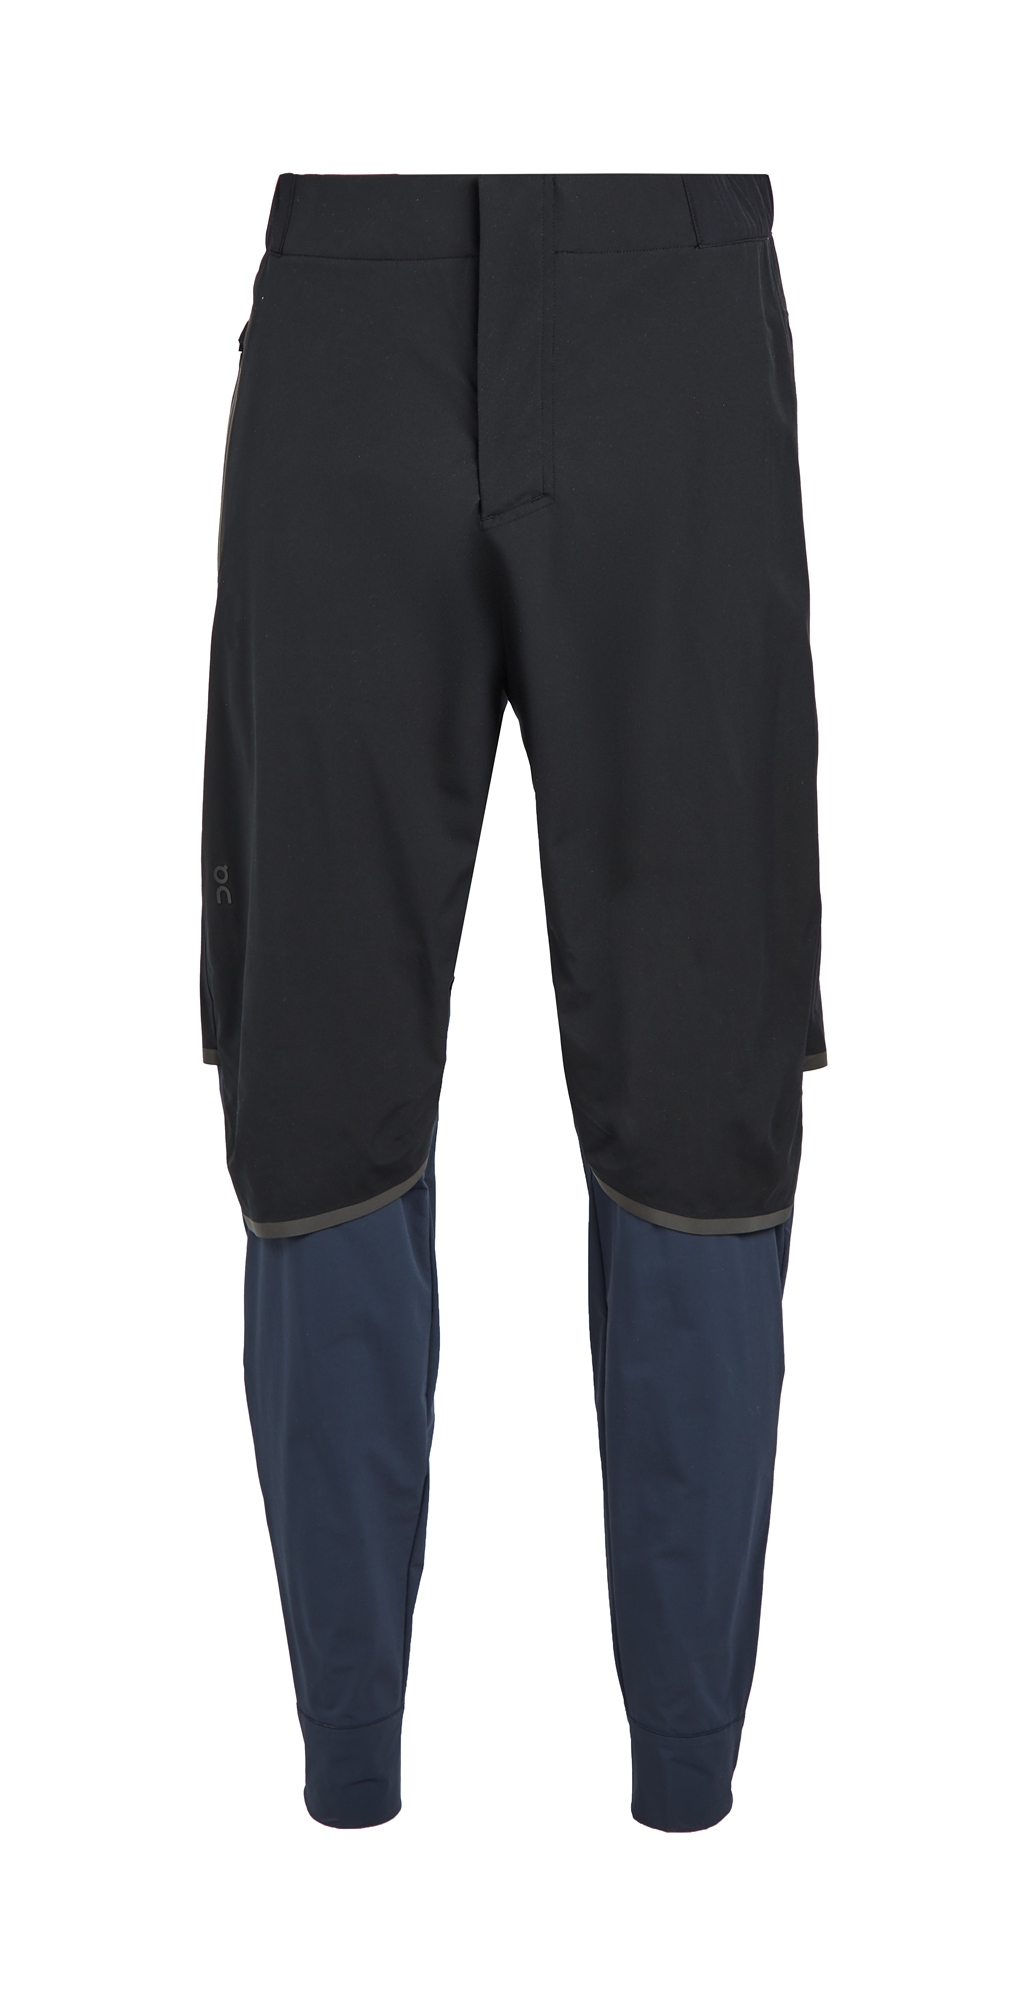 On Pants WATERPROOF PANTS